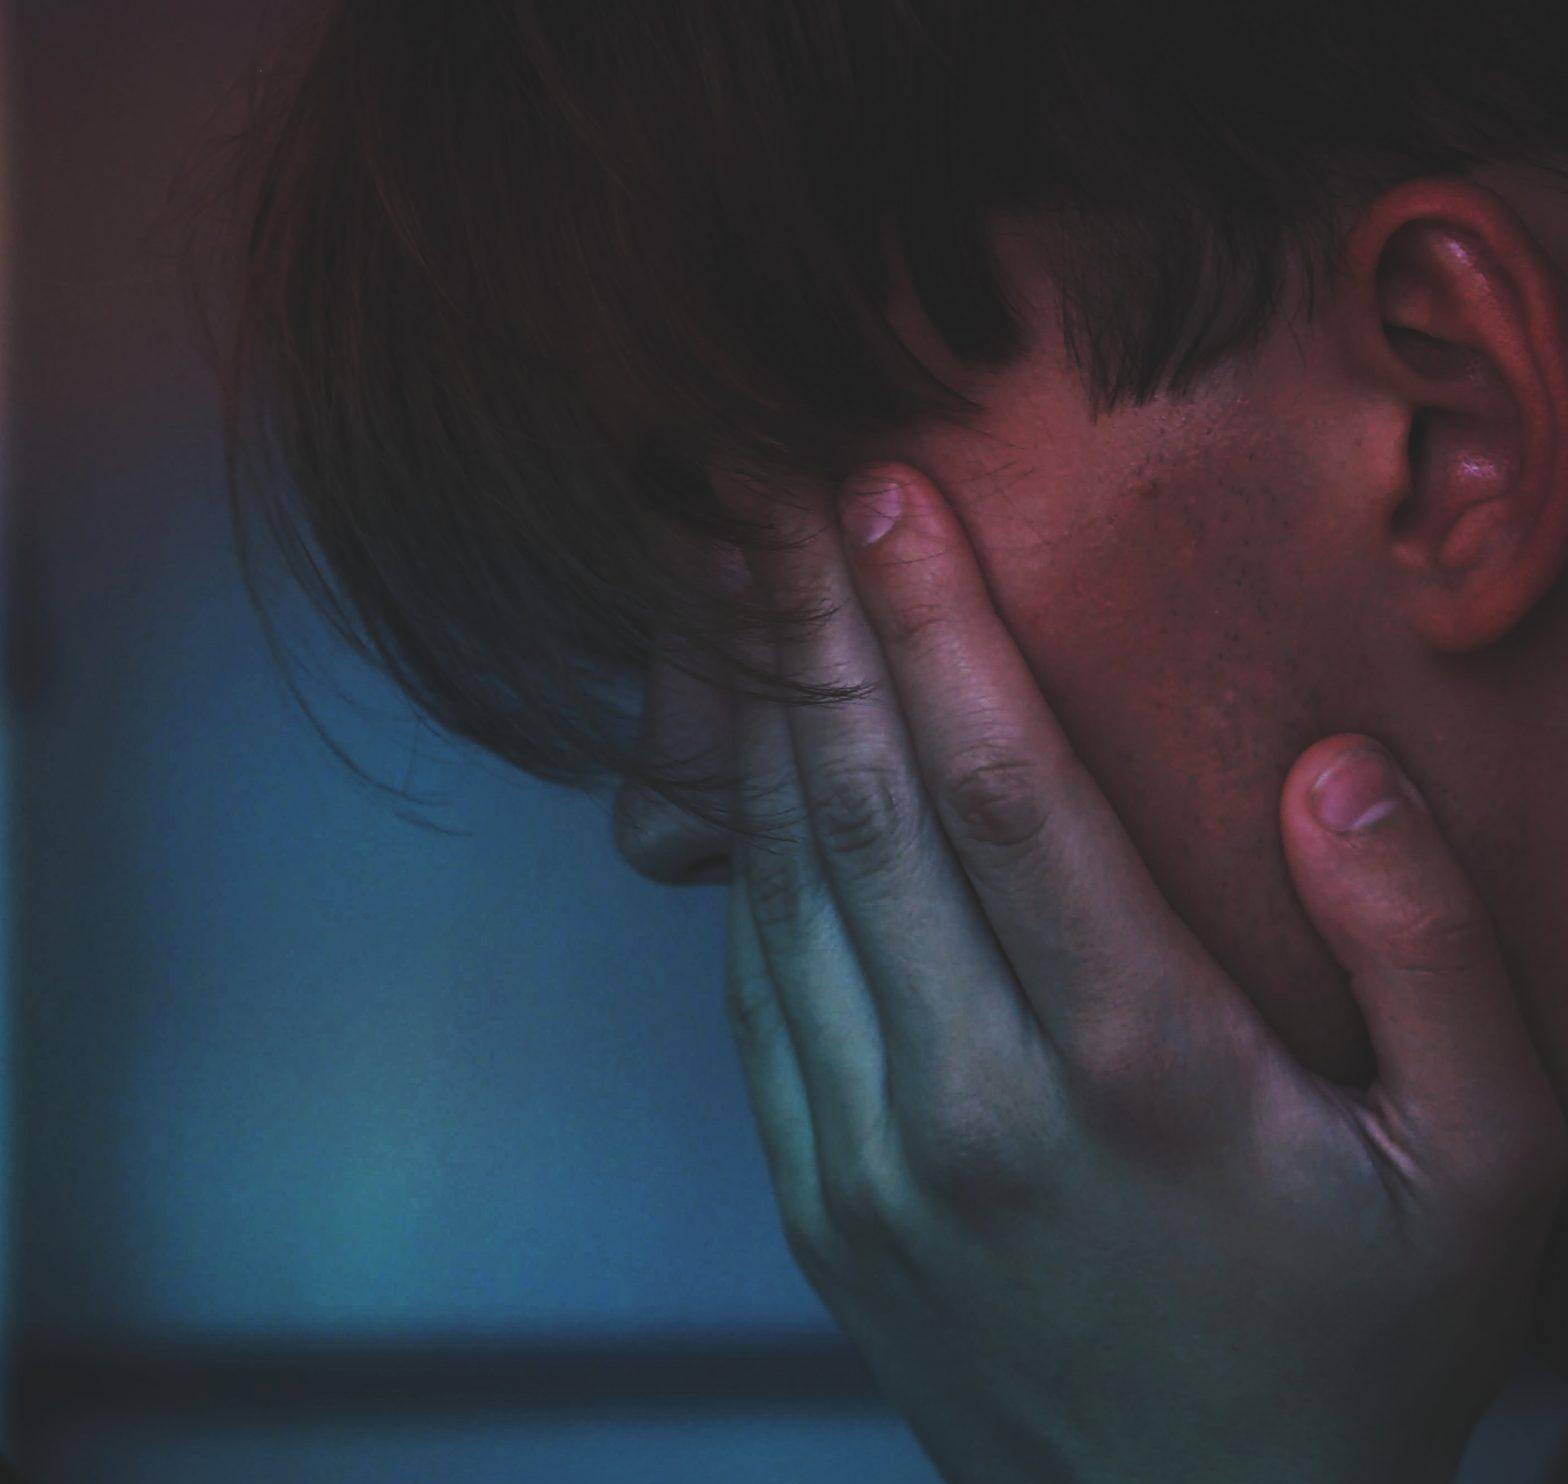 Lapsuusiän masennus nostaa riskiä moniin fyysisiin sairauksiin aikuisiällä